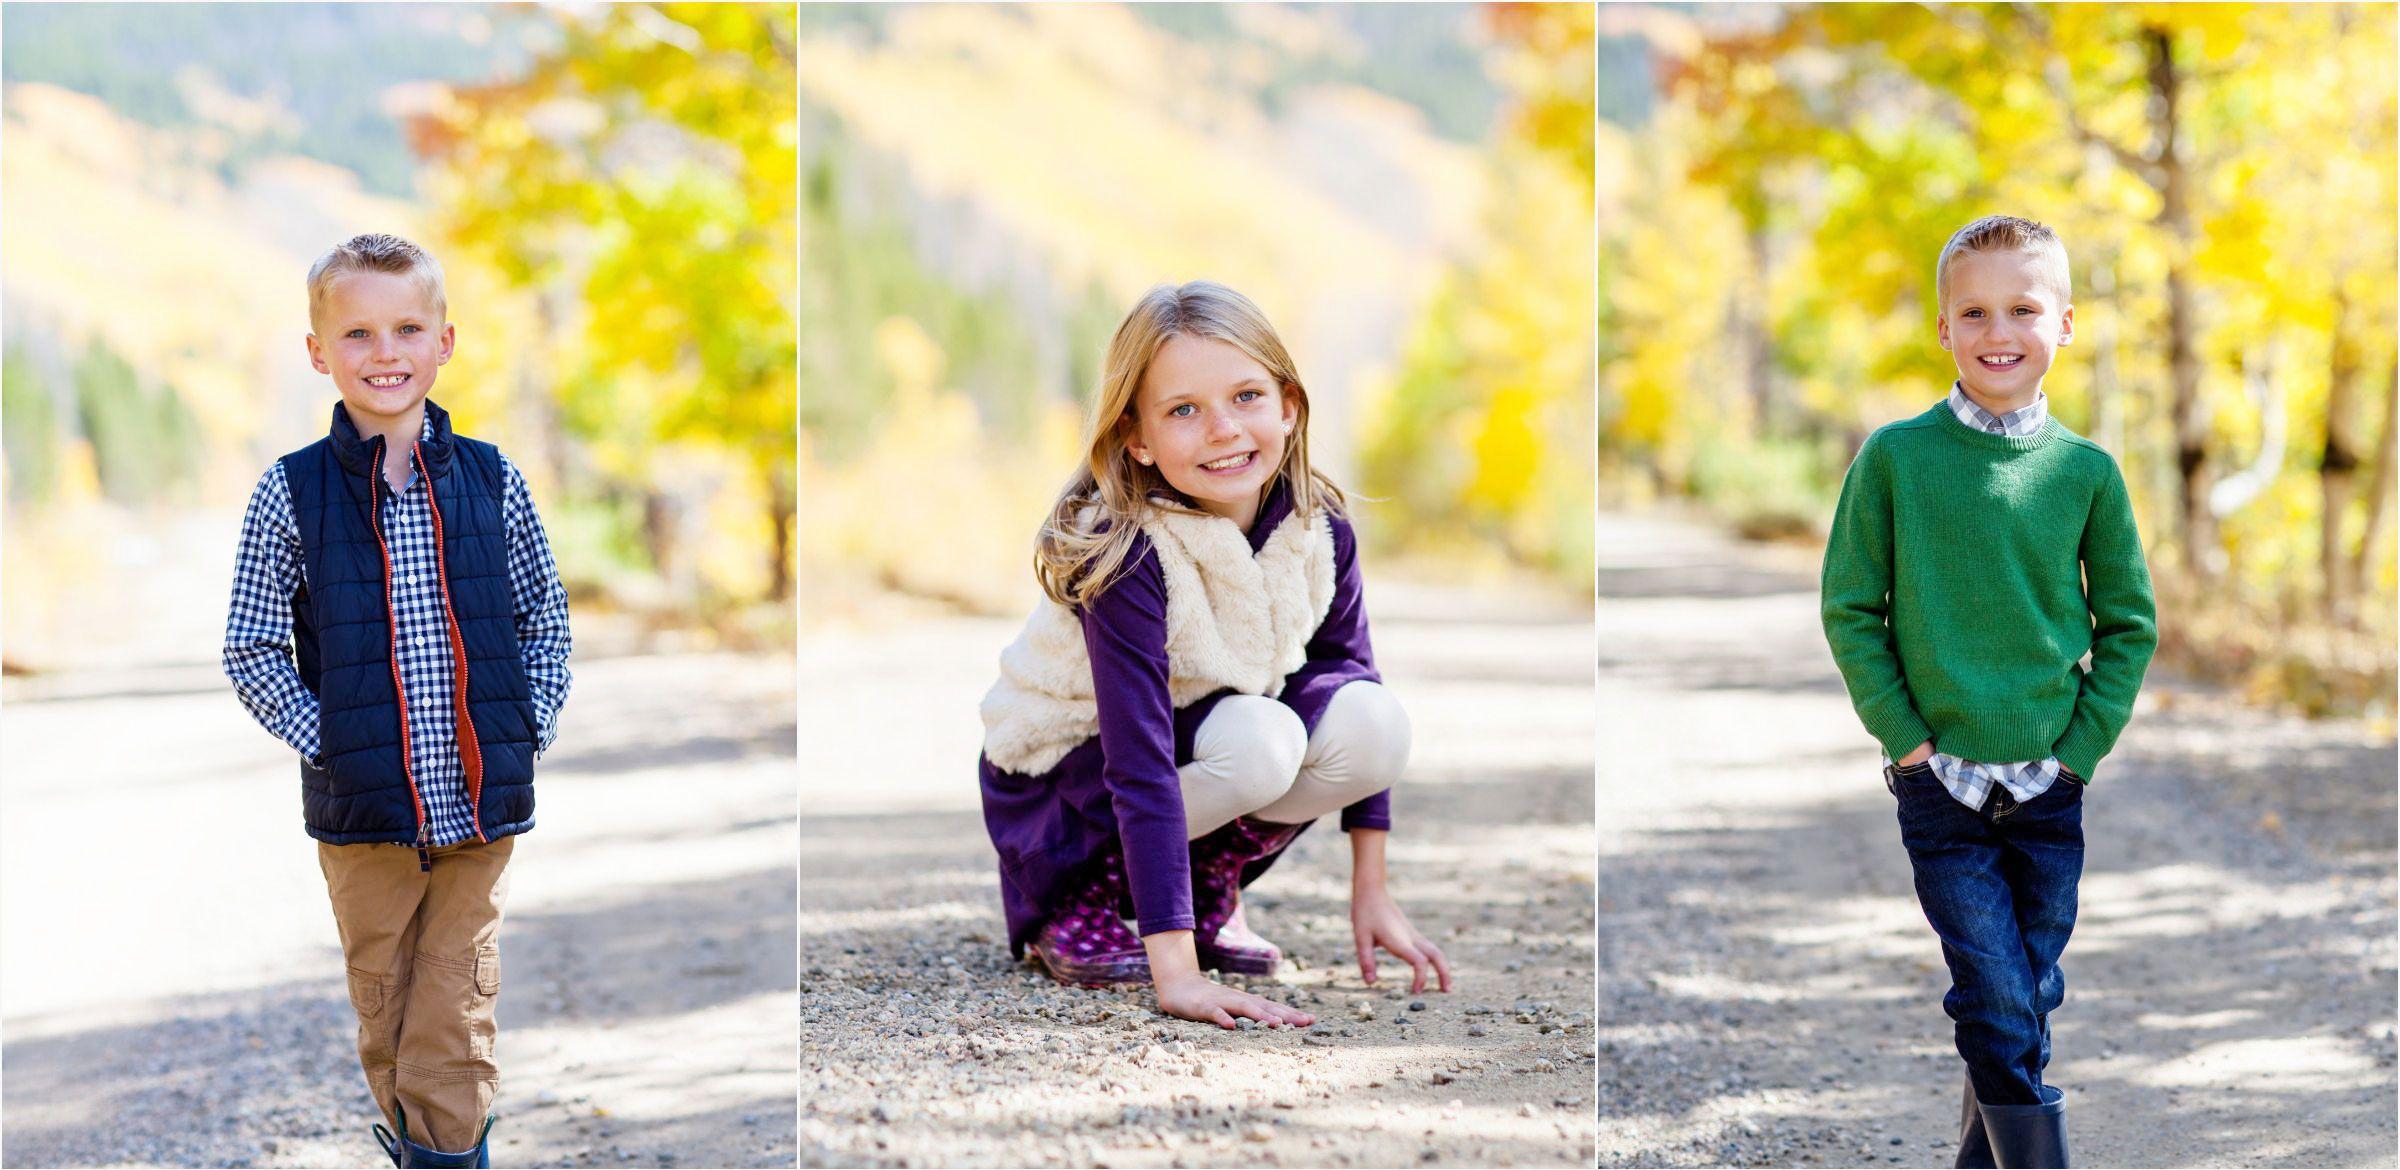 43-Denver-Family-Photography.jpg